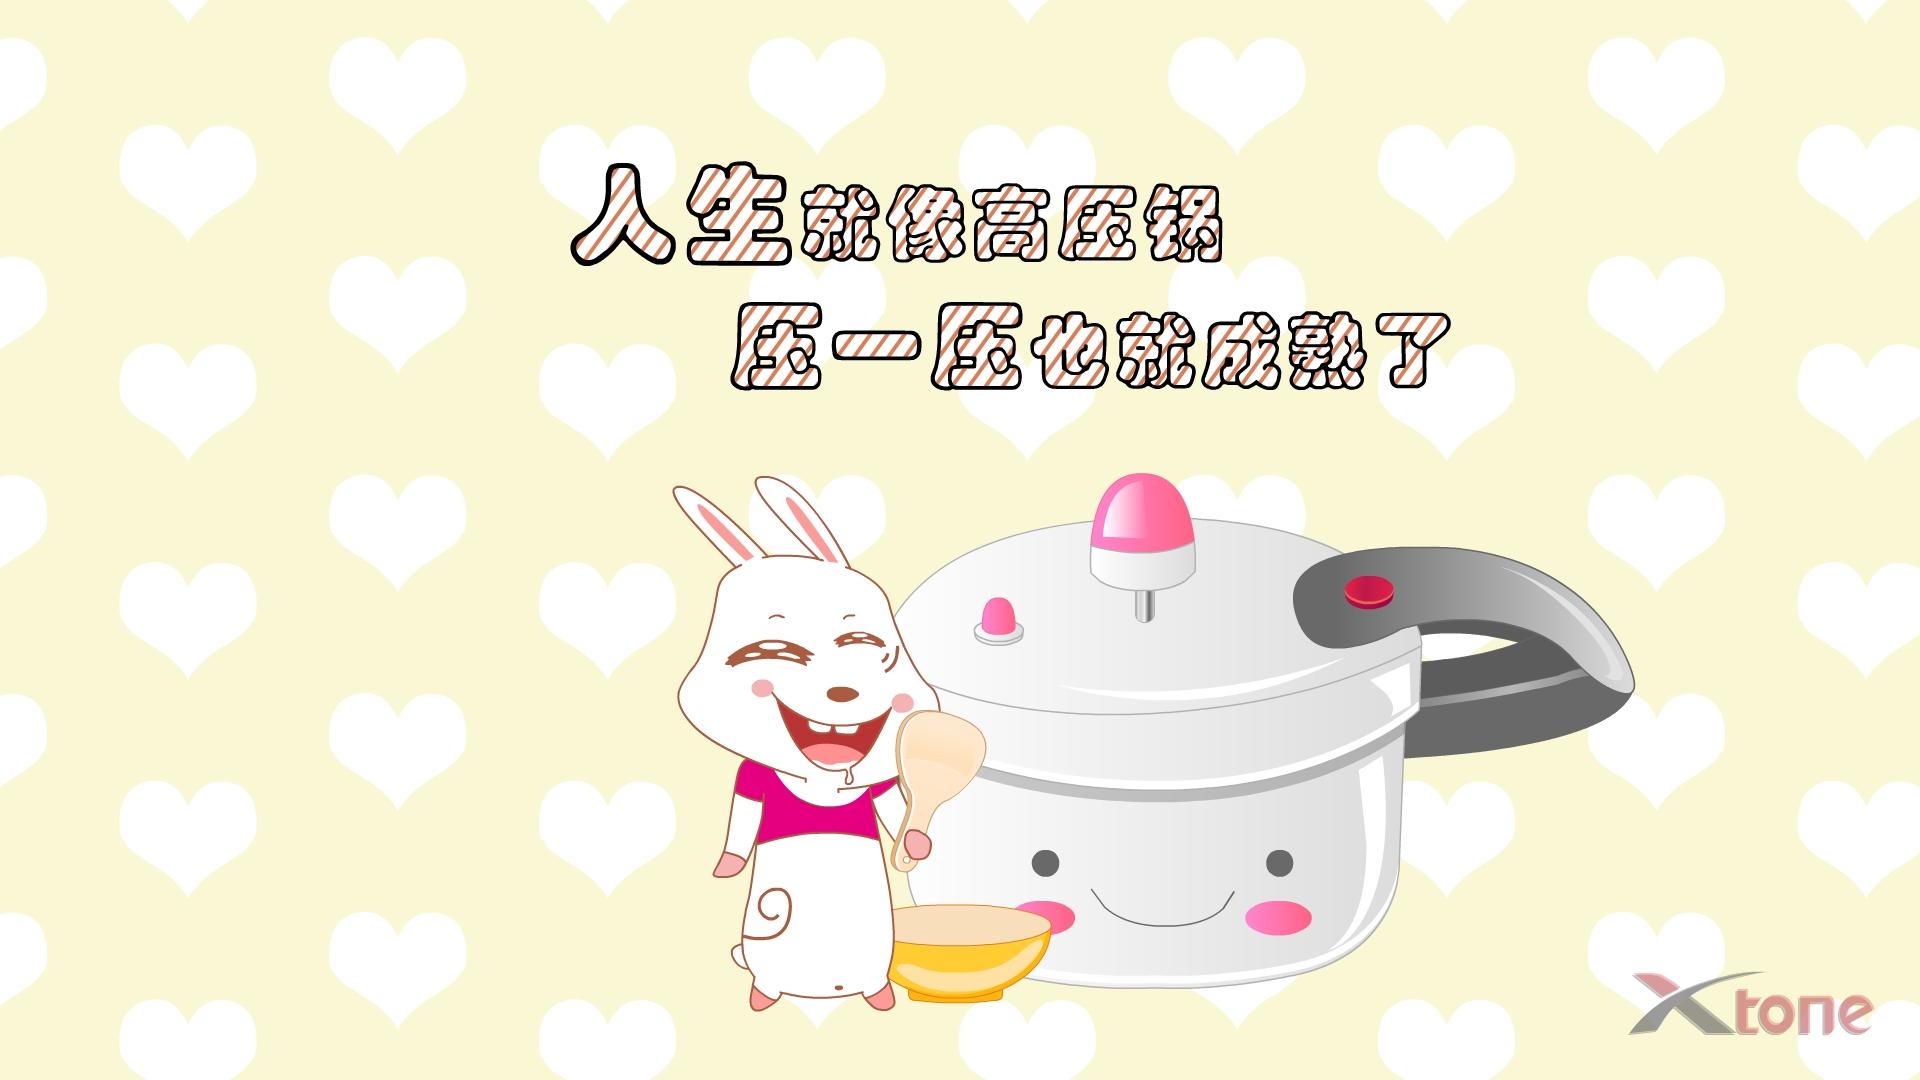 超萌可爱小卡通兔子